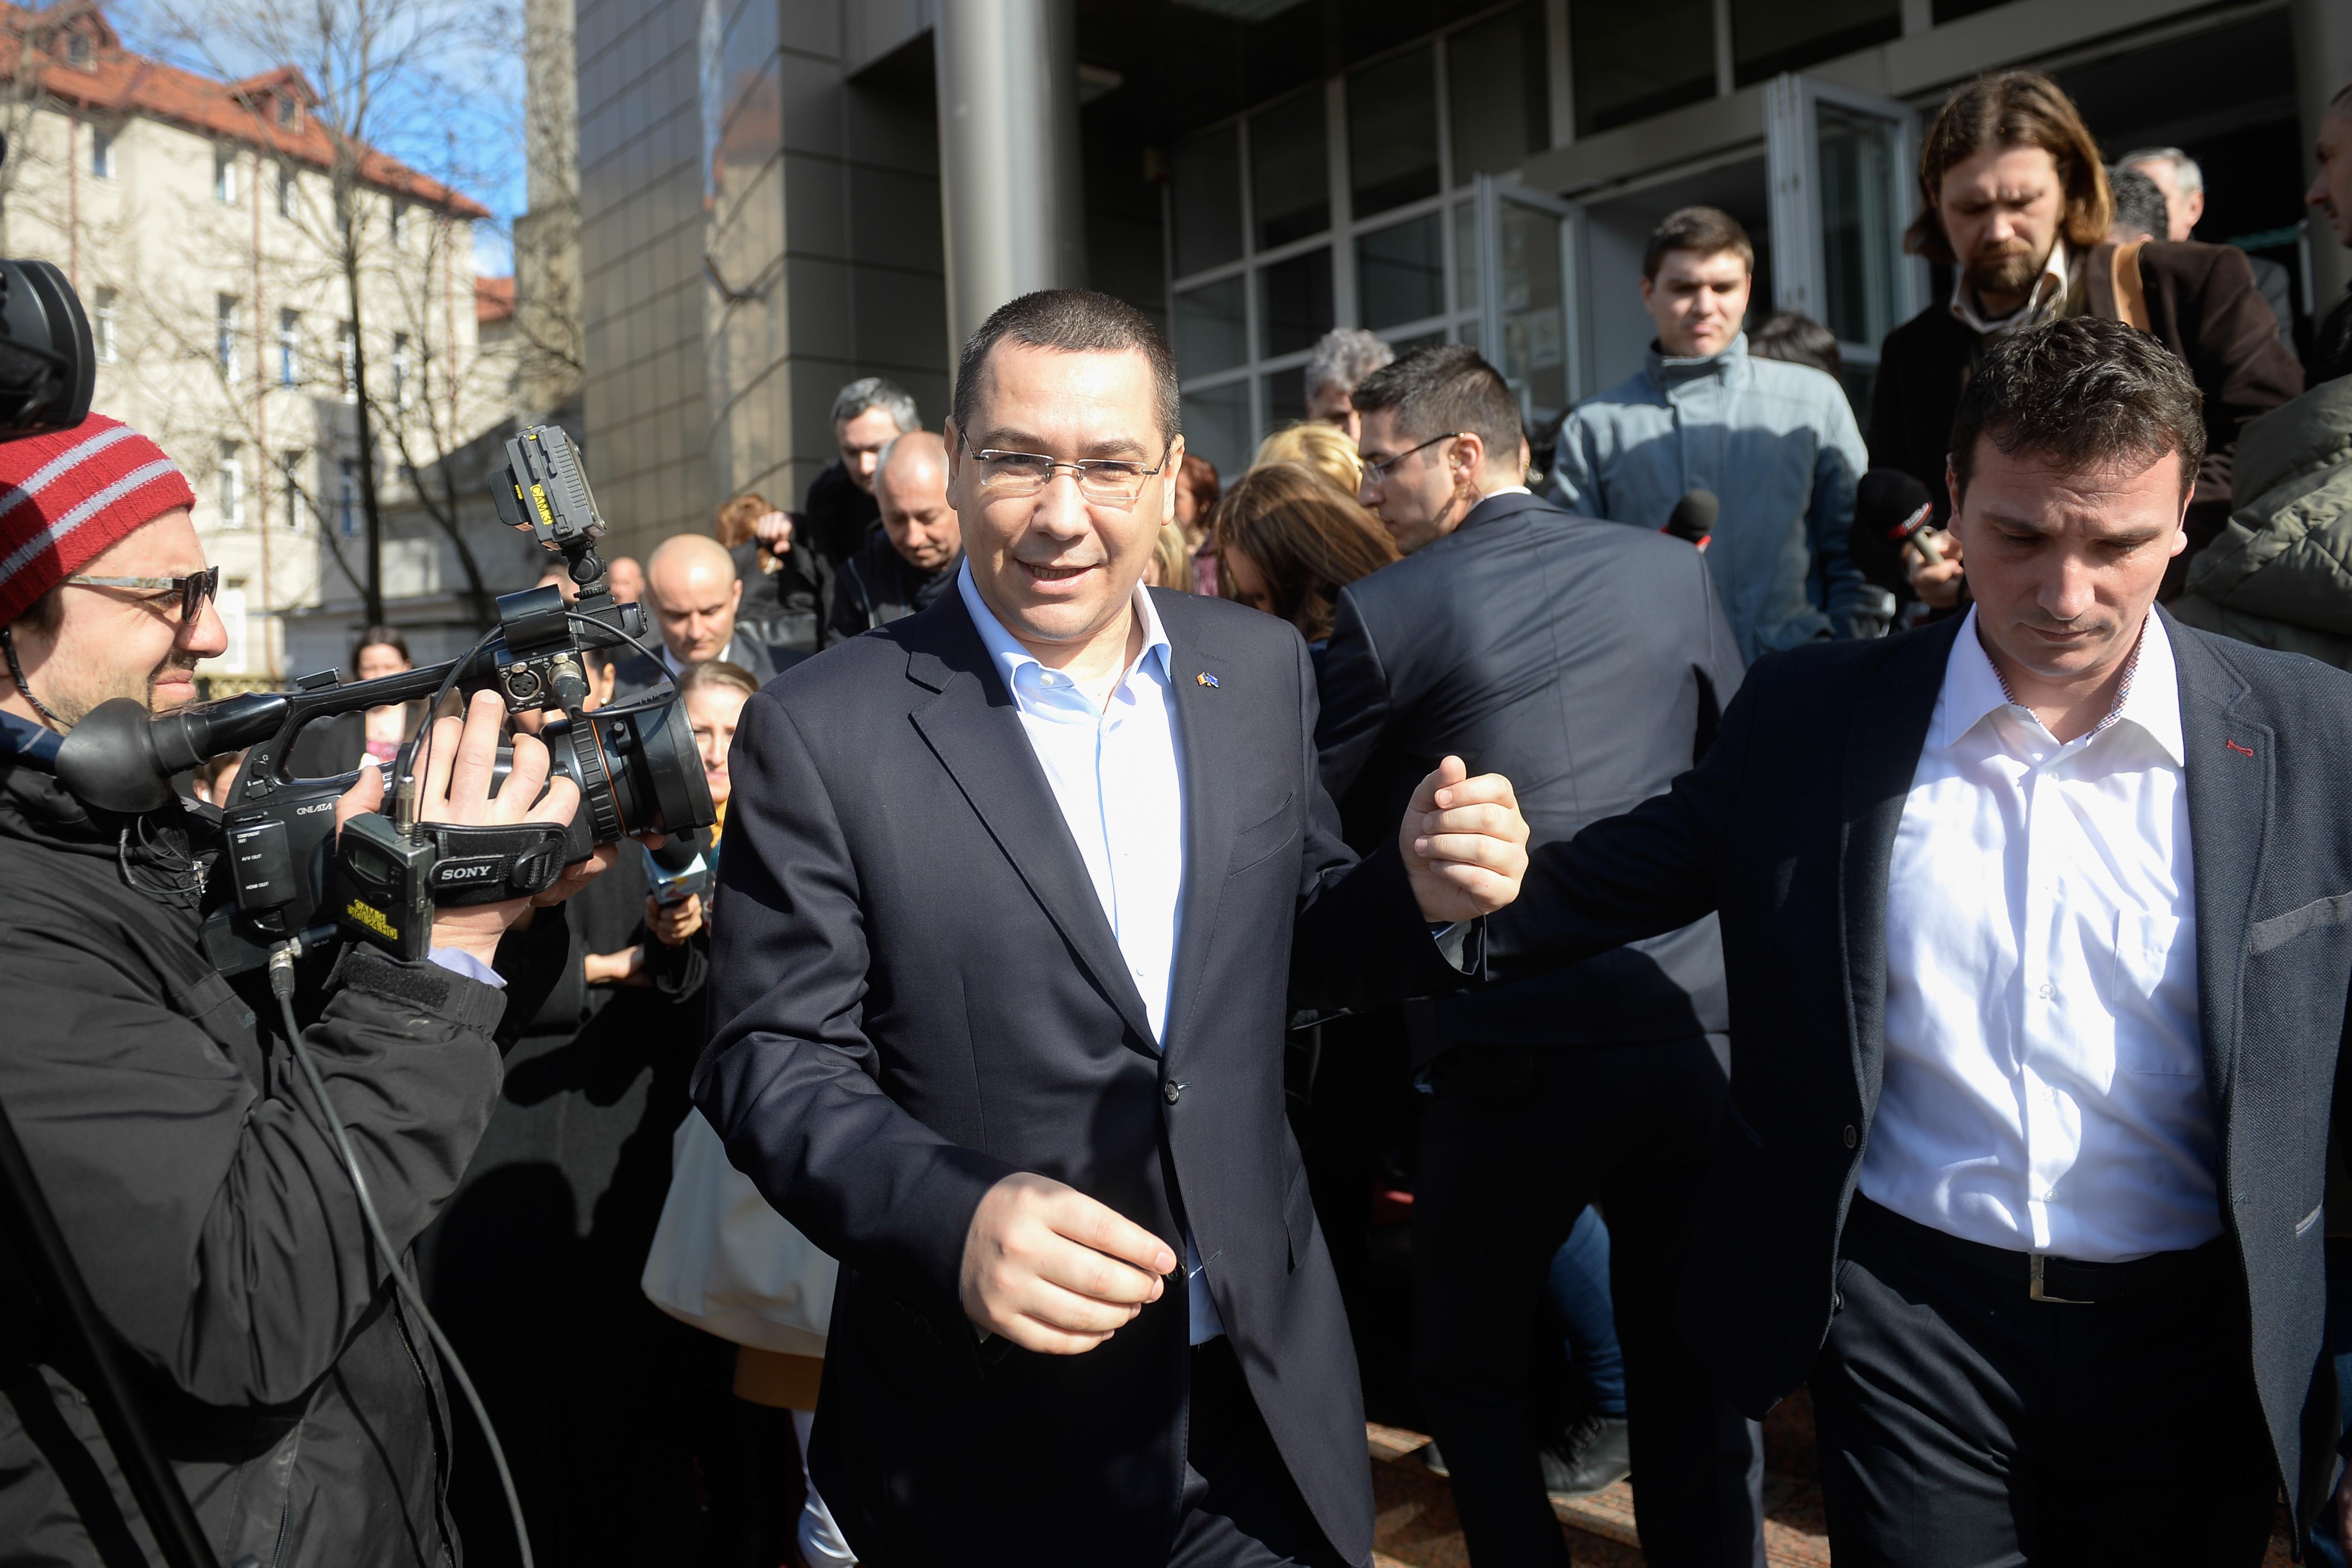 Inevitabilul s-a produs! DECIZIE BOMBA a lui Victor Ponta in urma cu scurt timp. Scrisoarea a ajuns deja la Klaus Iohannis. Cine va fi noul premier. BREAKING NEWS